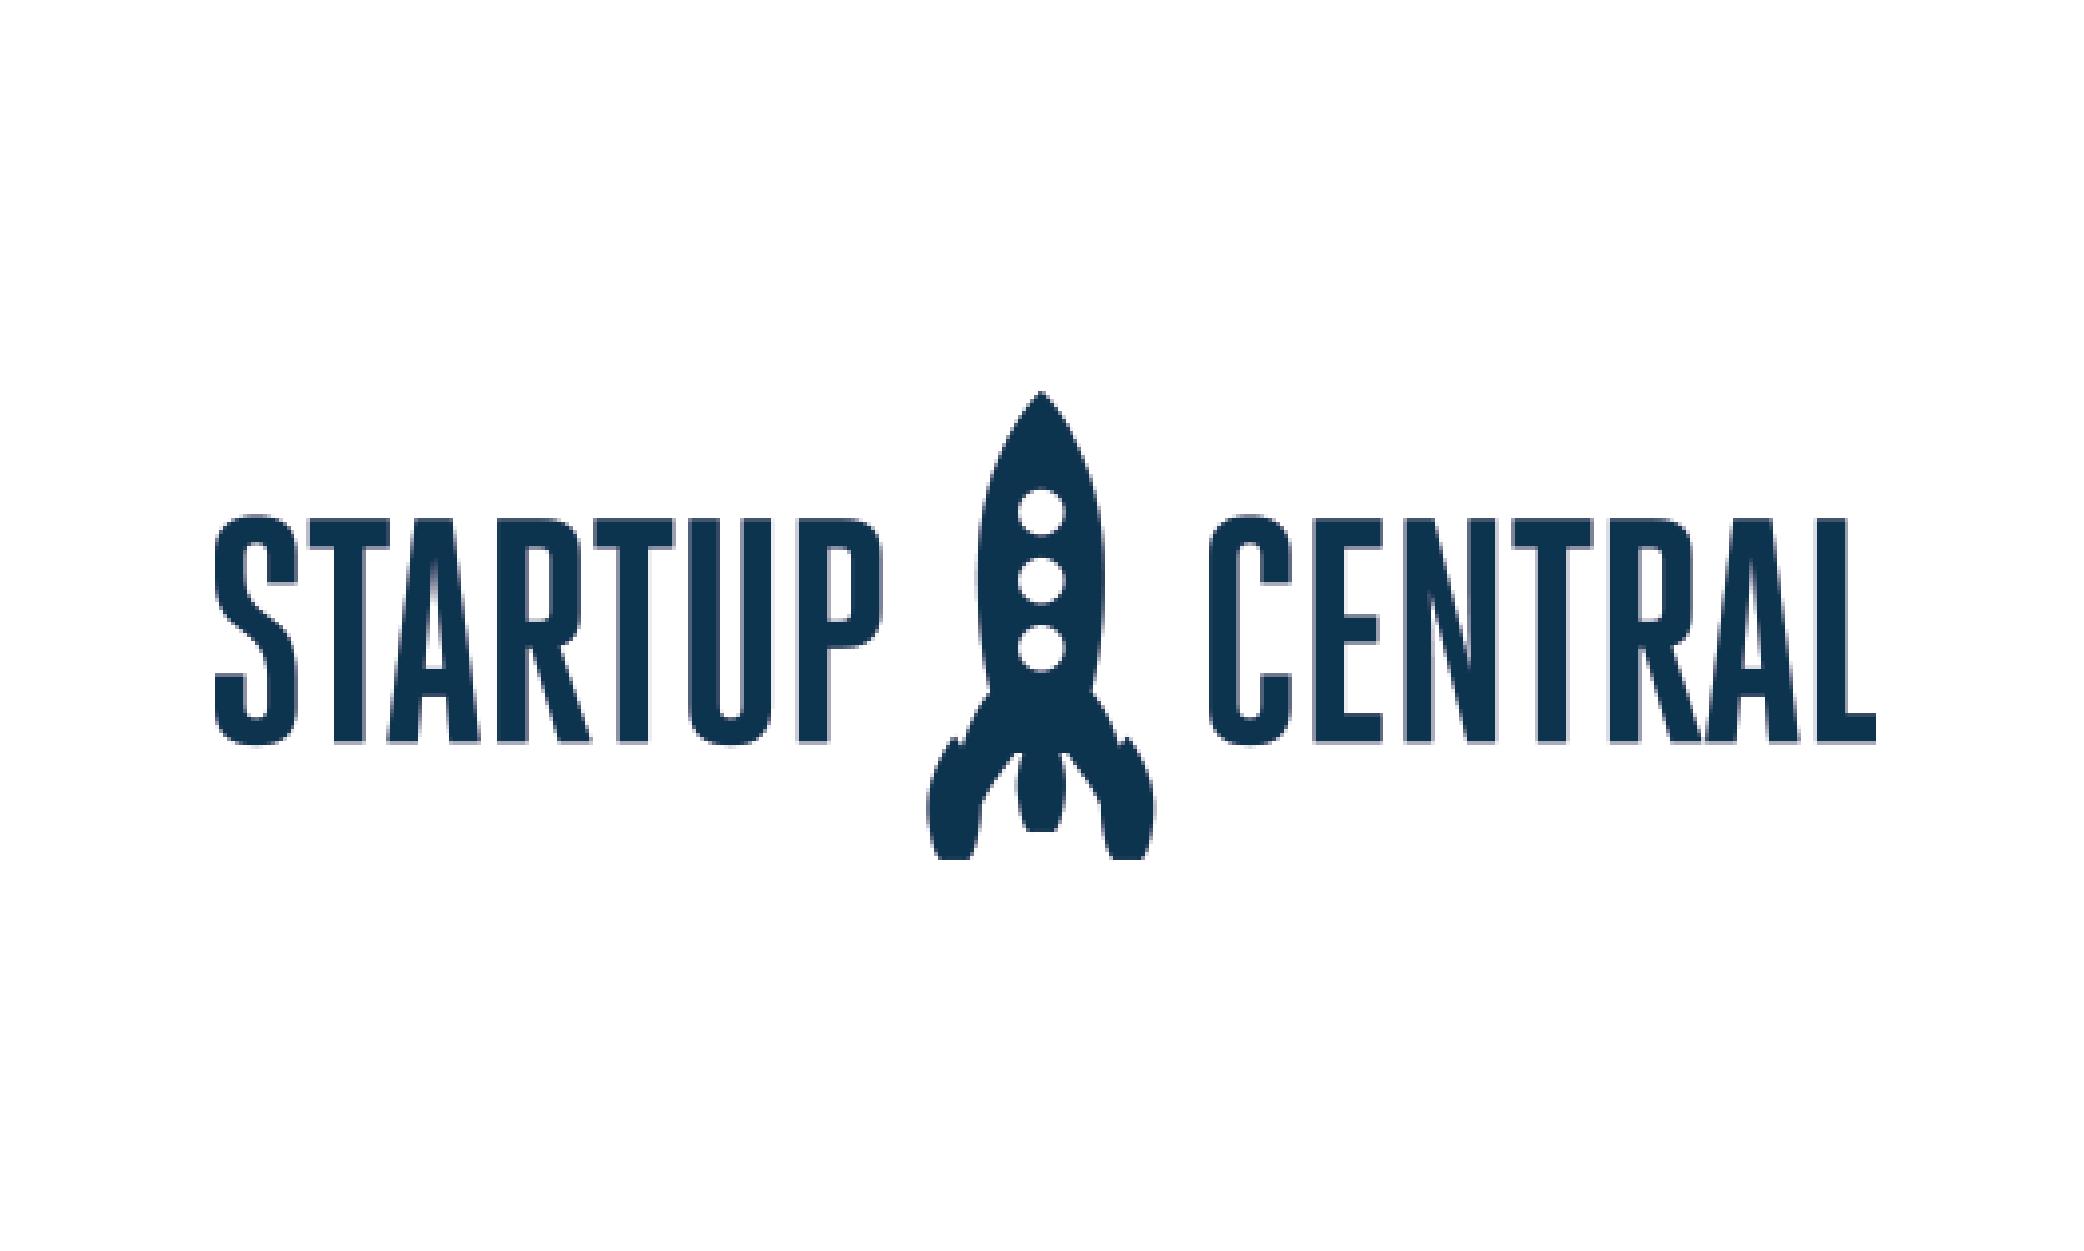 Startup Central, find dit Bizz Up Magasin, Distribution, find magasin, Bizz Up, Bizzup.dk